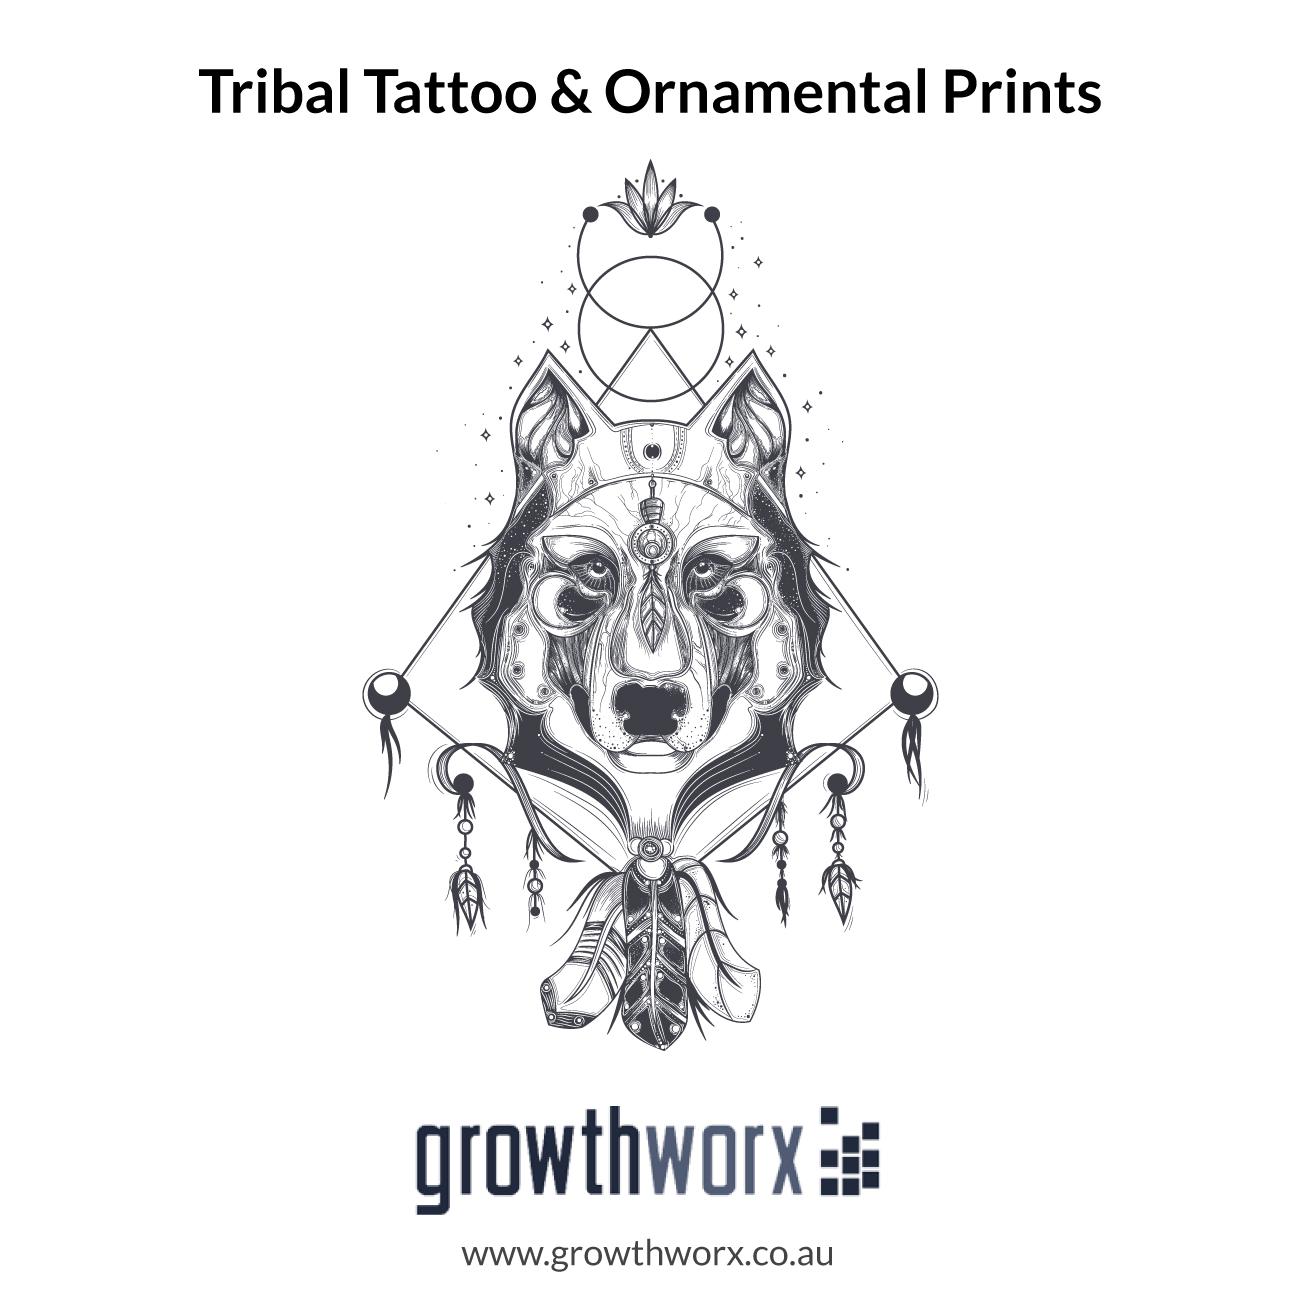 I will design a custom tribal tattoo and ornamental prints 1